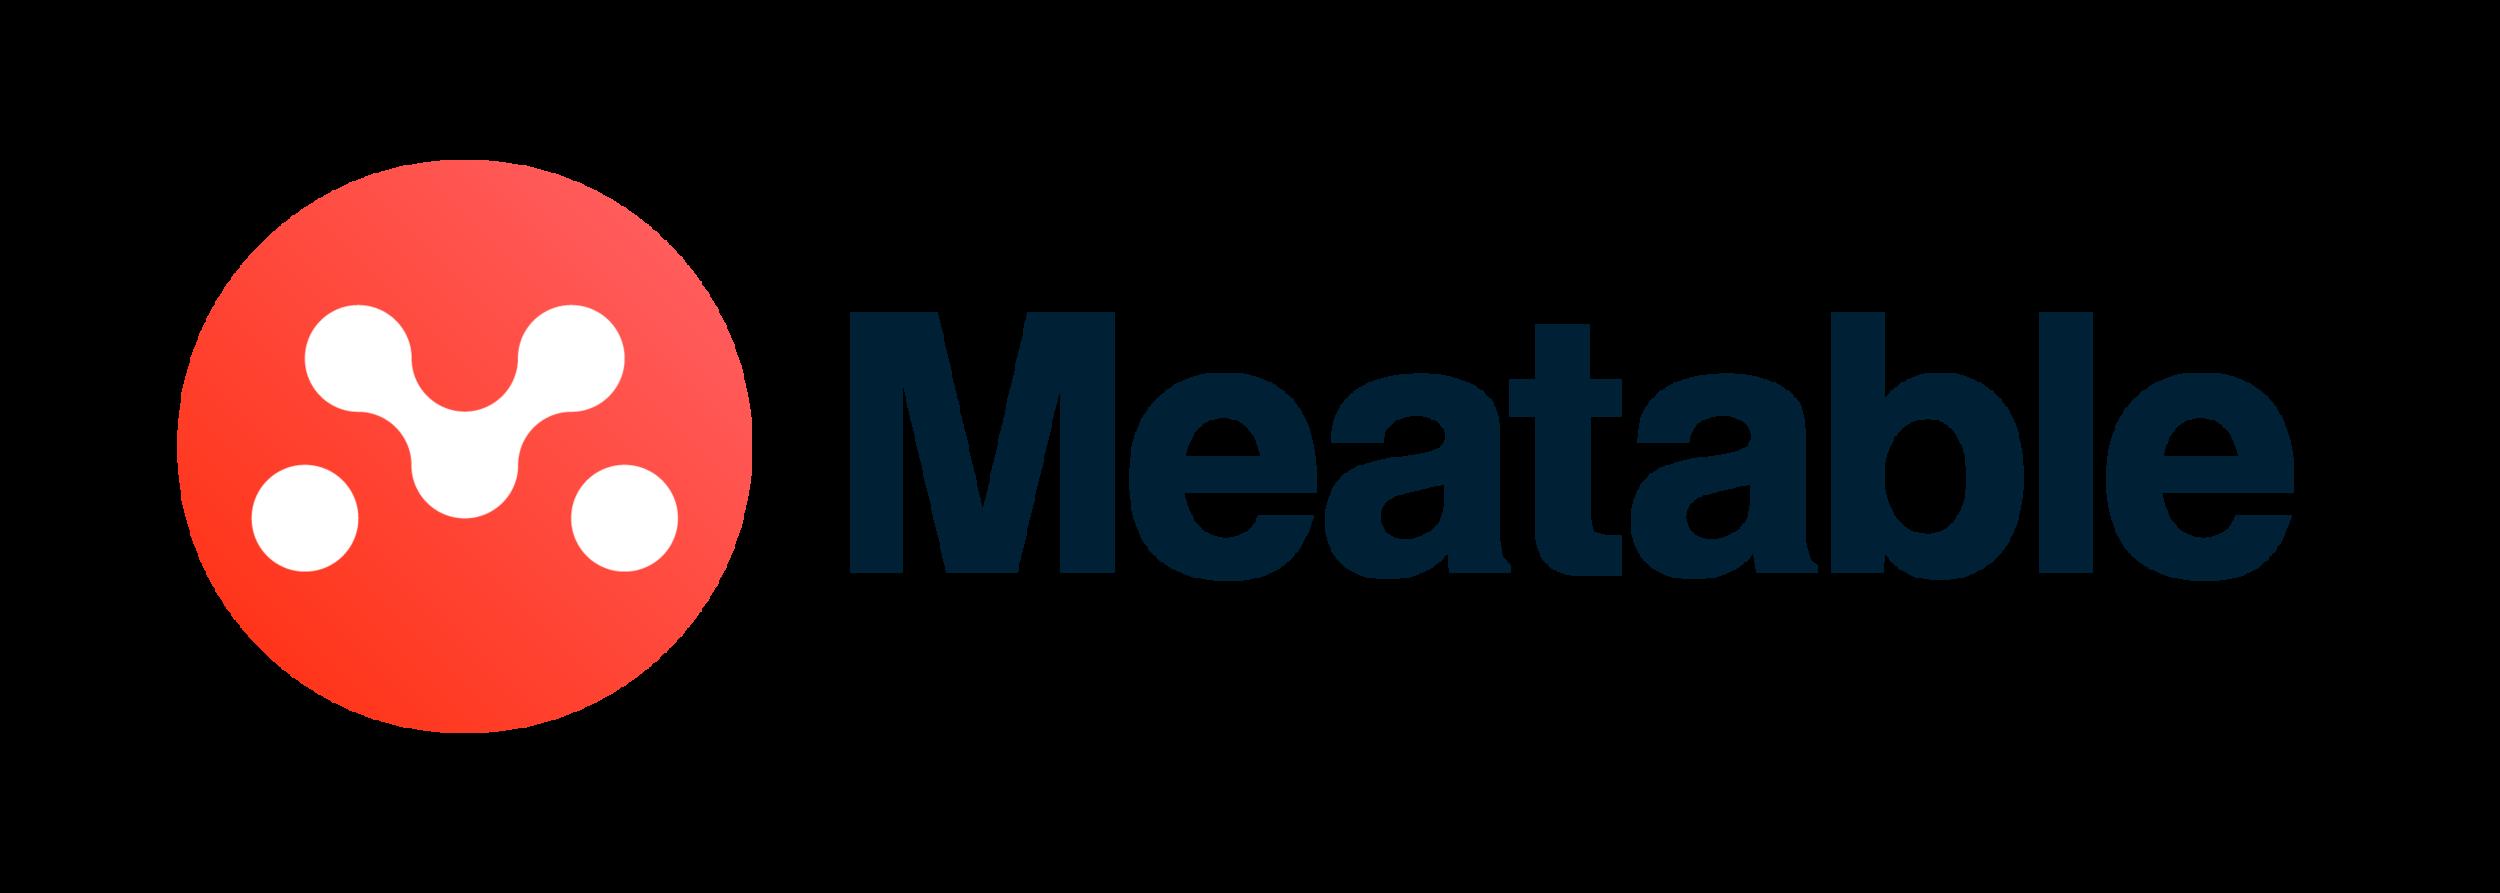 Meatble-transp.temp.png